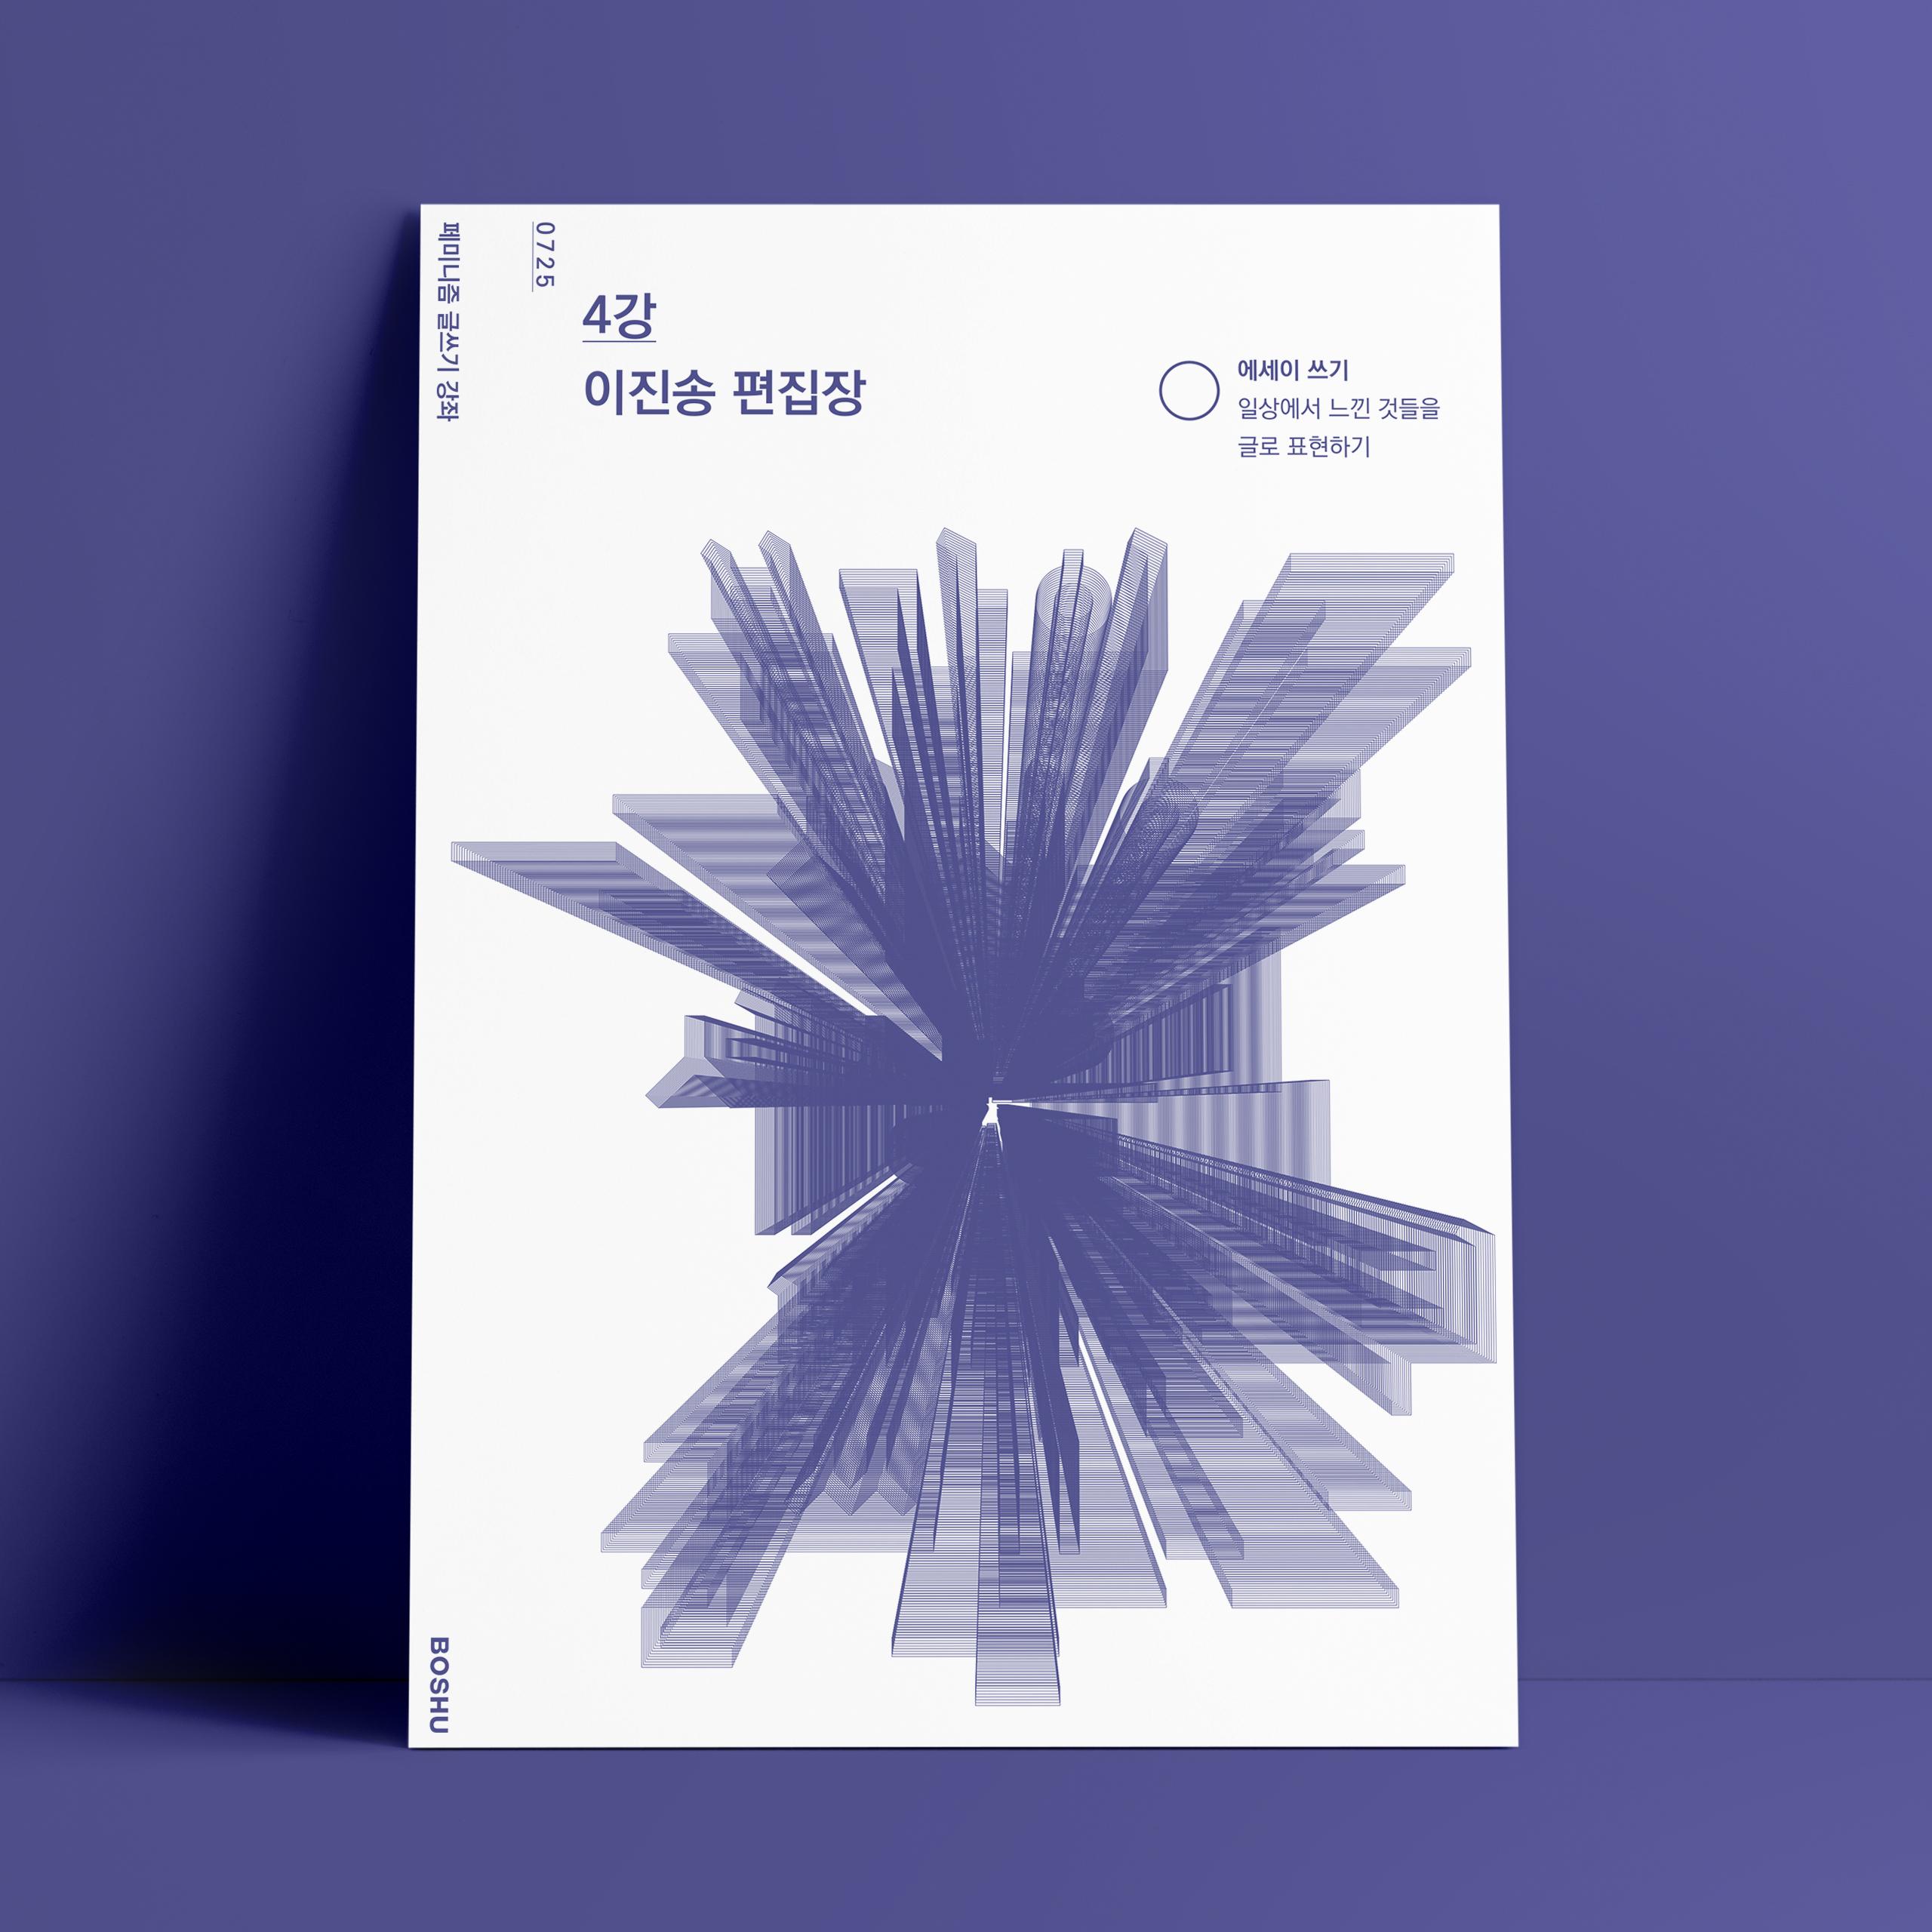 4강_이진송_에세이 쓰기 - 엠넷식 사연팔이와 '자...